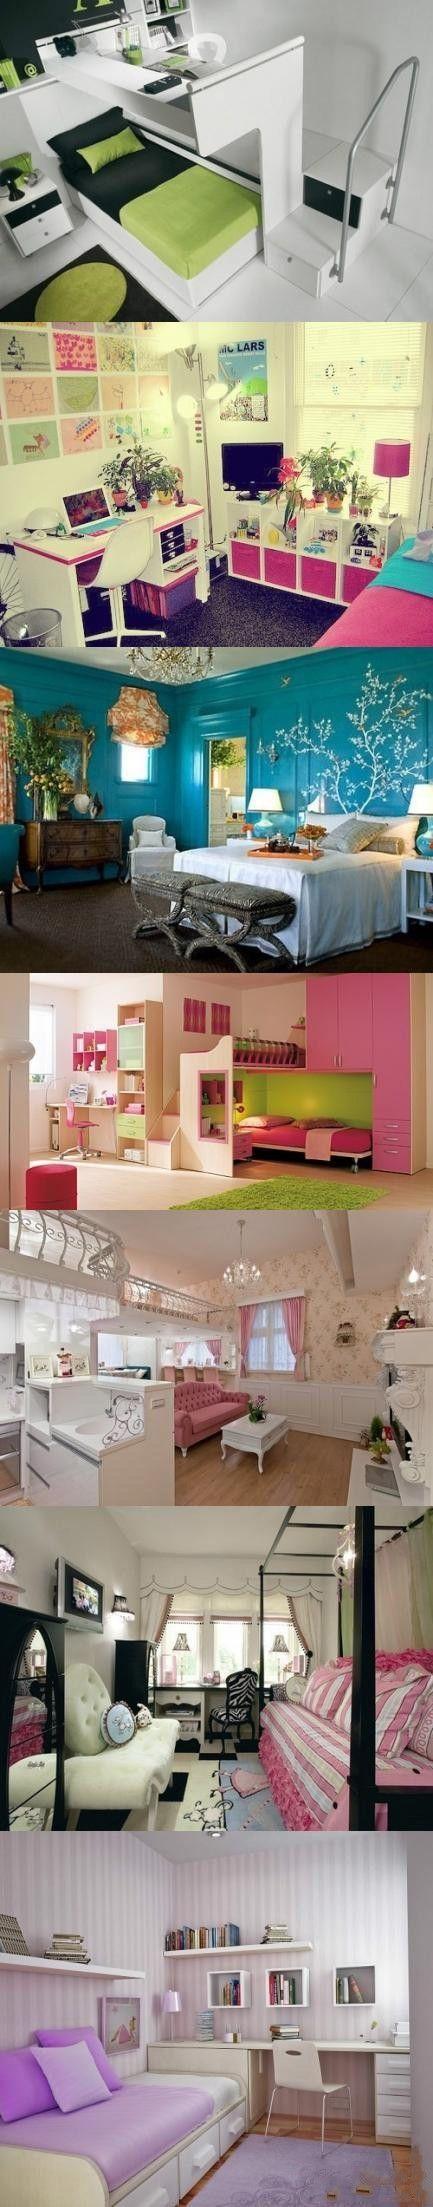 Home-office-innenarchitektur ideen cool bedrooms  deco  pinterest  bett kinderzimmer und einrichtung